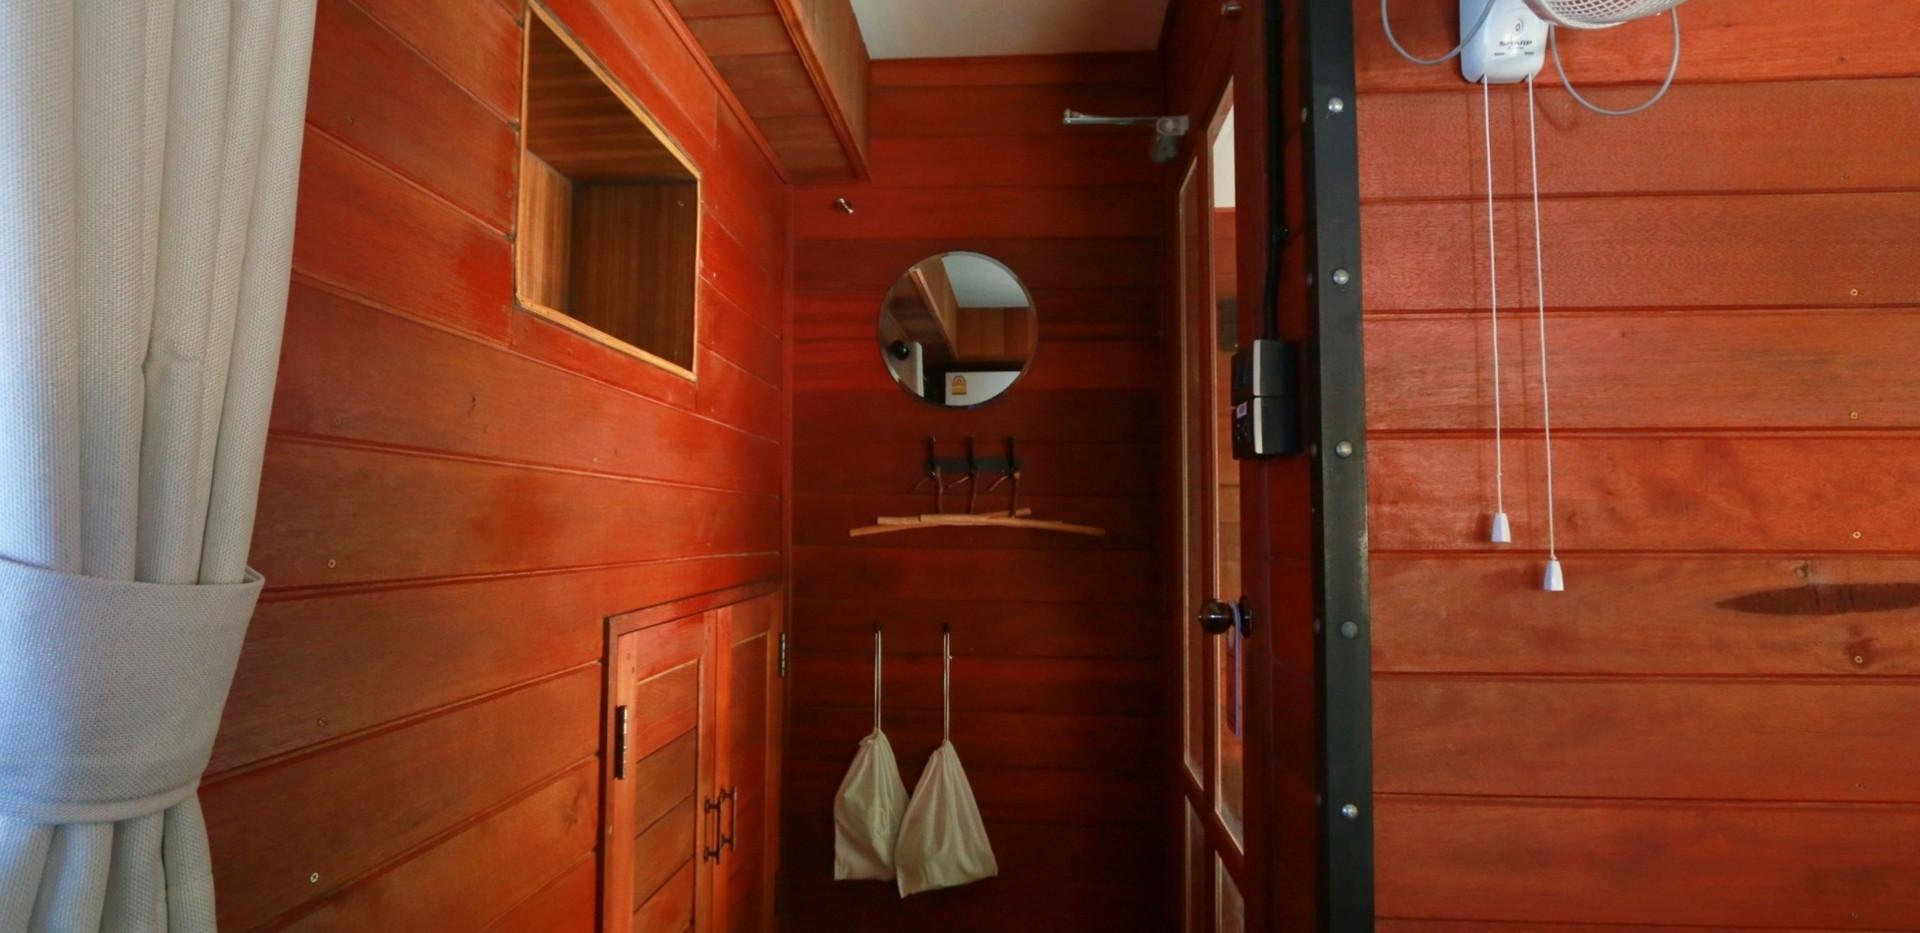 ห้องFamilyด้านบน_200121_0005.jpg